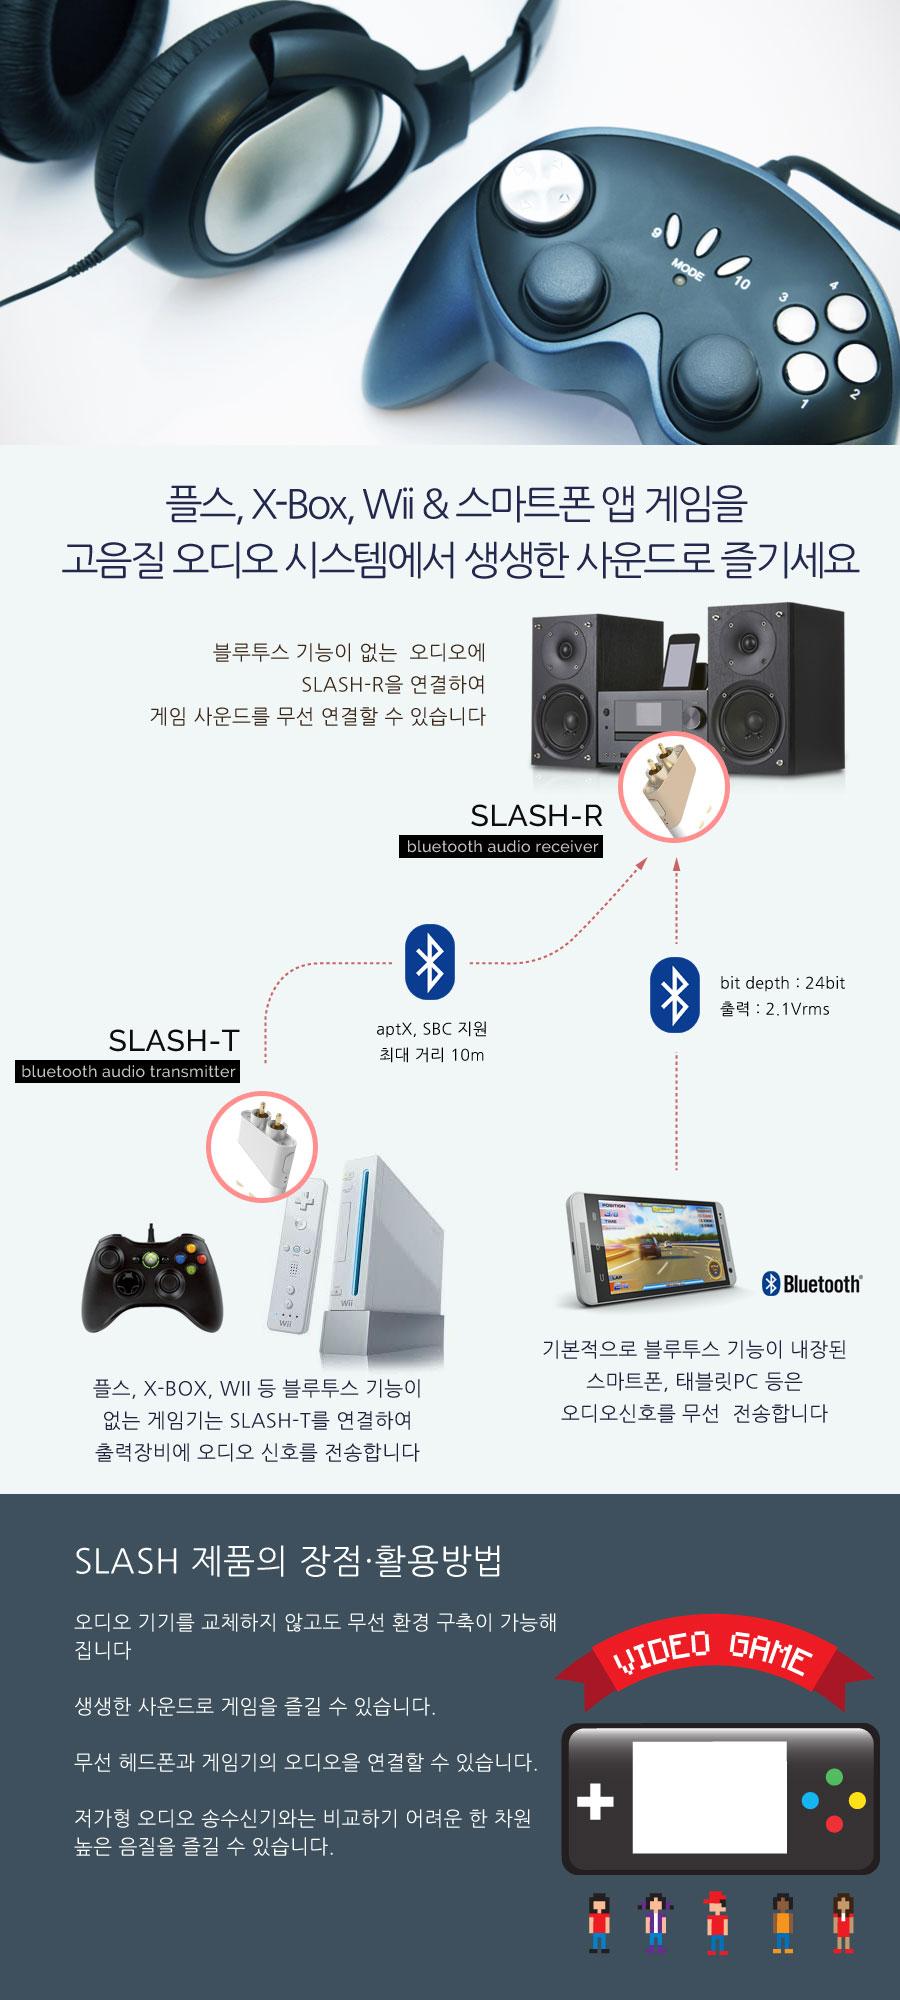 블루투스 오디오 동글 SLASH를 이용하여 생생한 사운드의 게임을 무선으로 즐기기